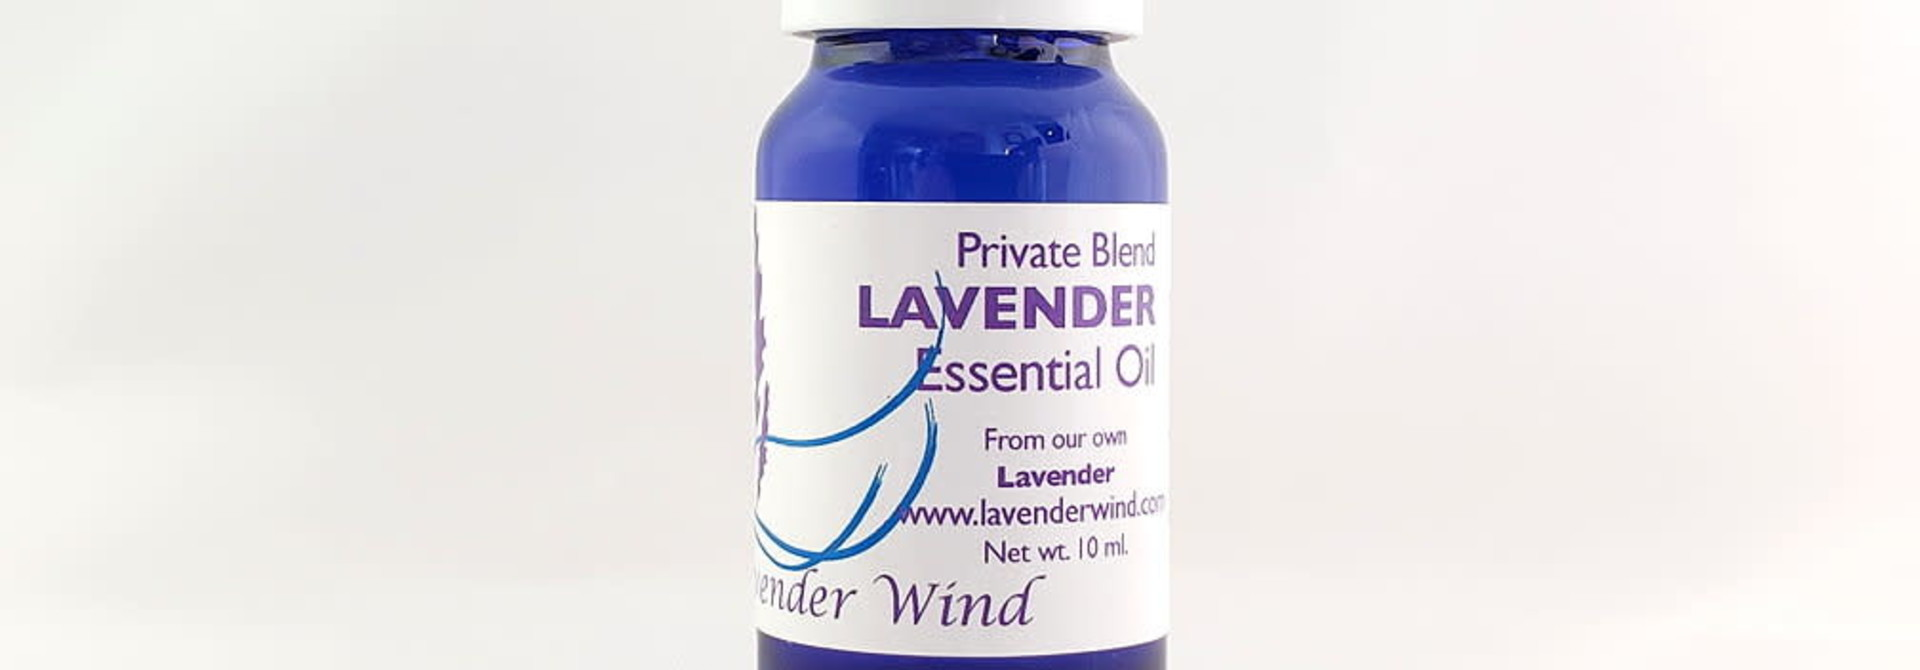 Private Blend Essential Oil - 10 ml.